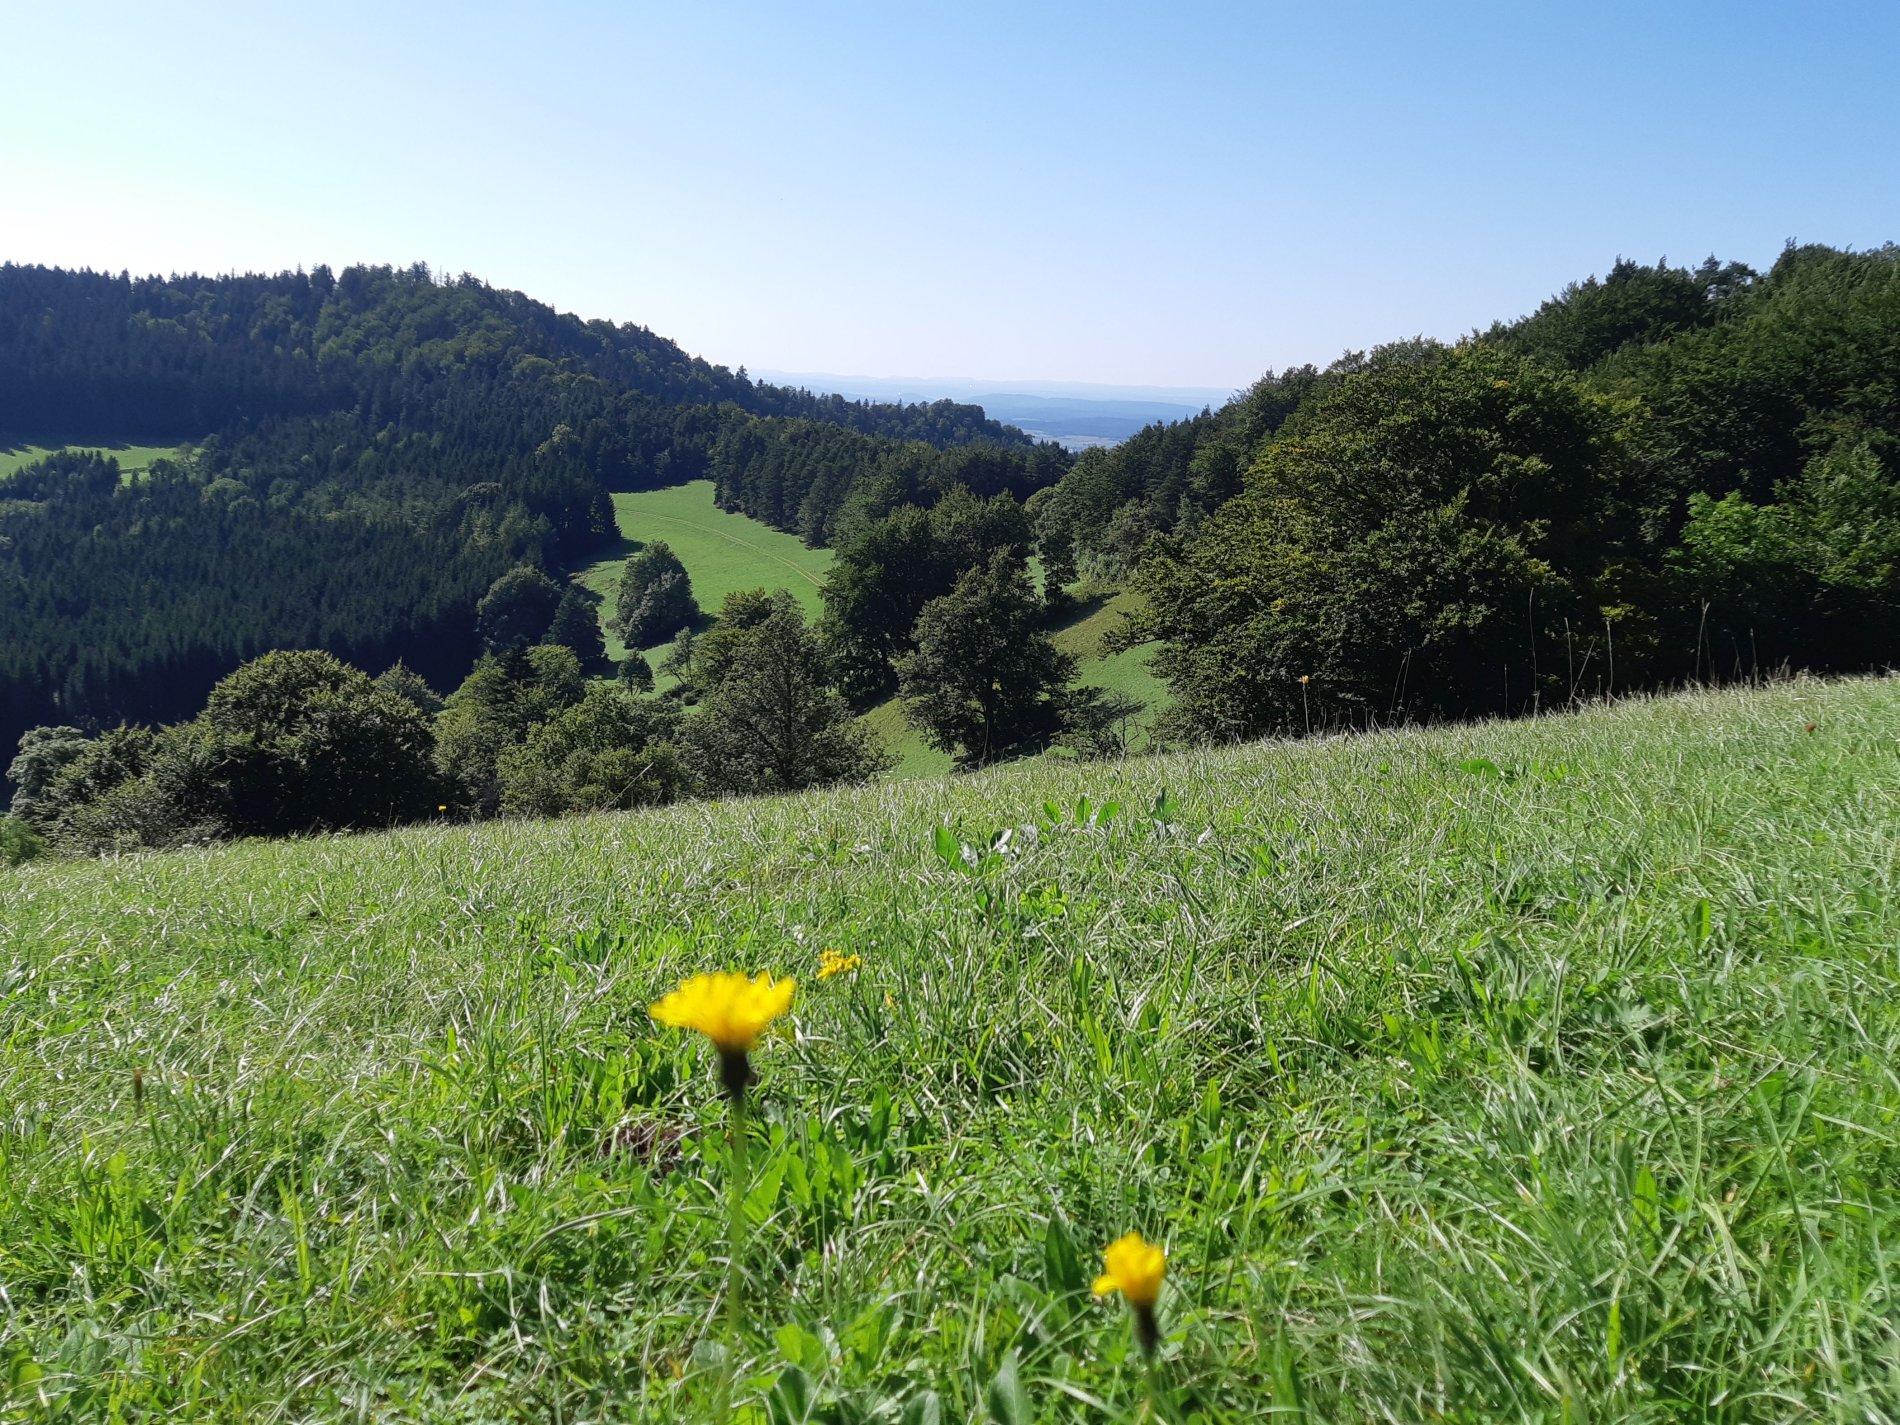 Sagenhafte Ruhe und wunderschöner Weitblick auf dem Aussichtspunkt Hörnle